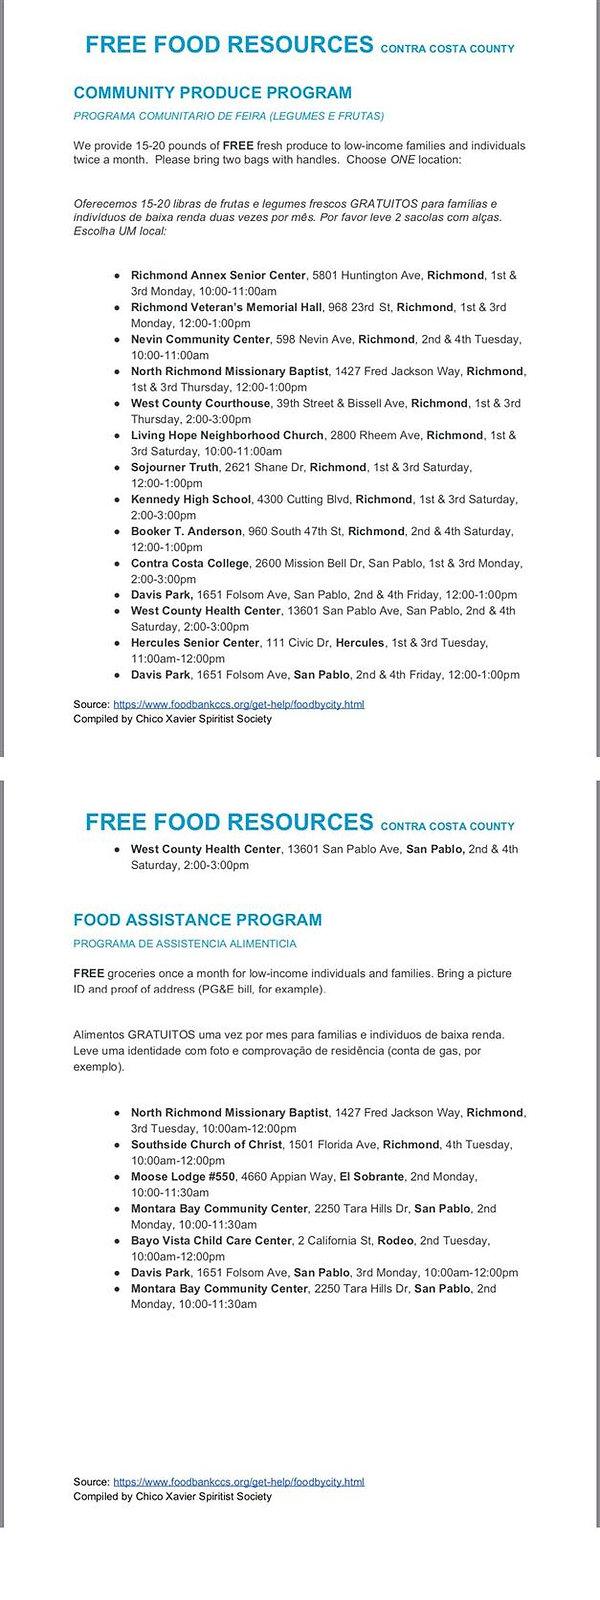 free_food4.jpg